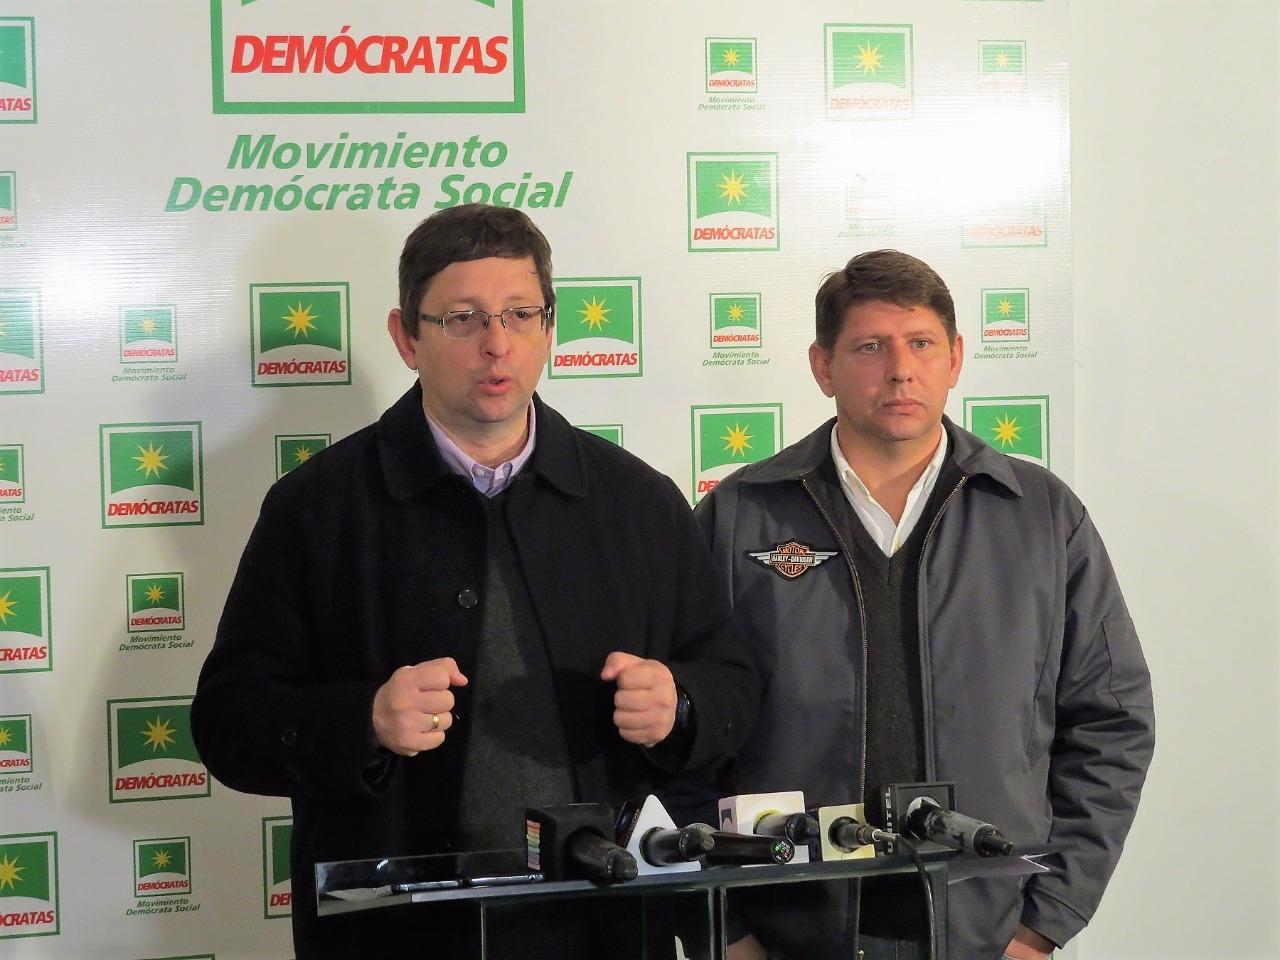 Morales releva a presidente de YPFB tras denuncias de supuesta corrupción